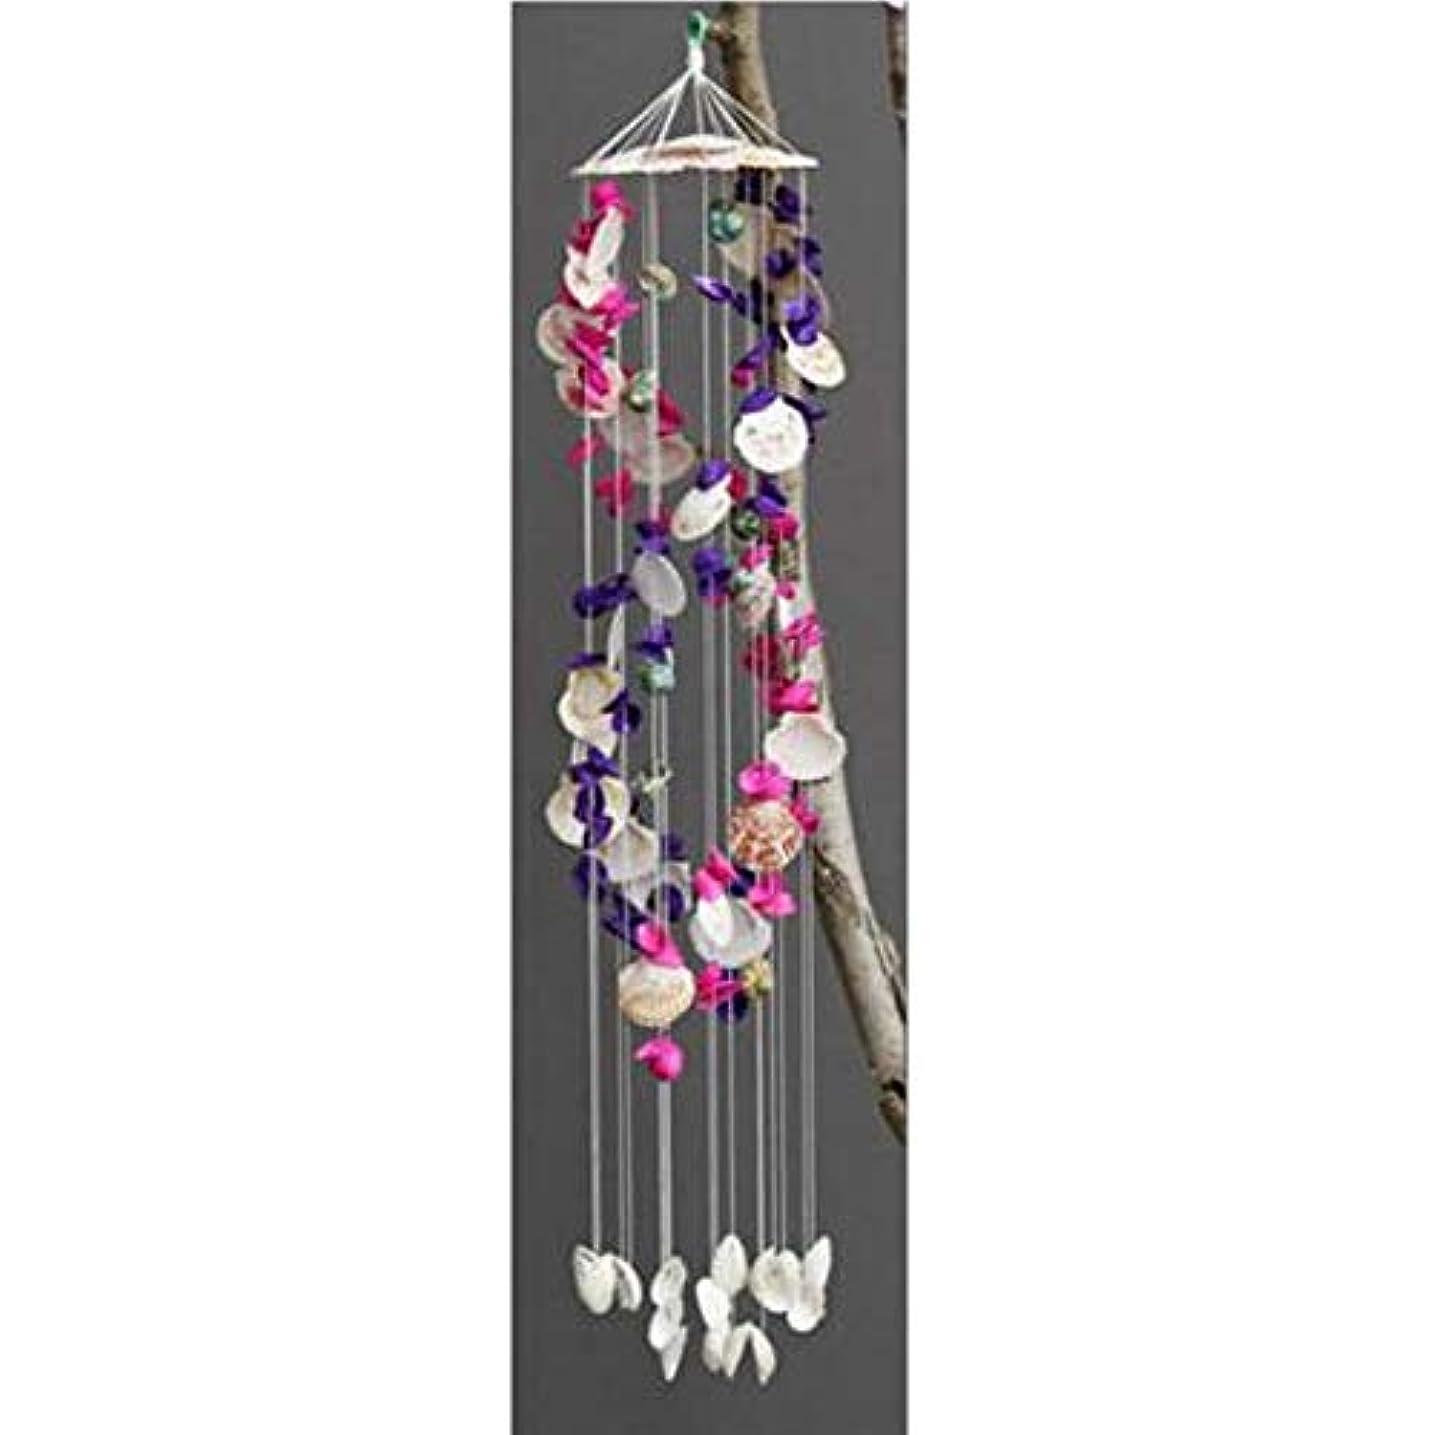 敵対的誕生日辞任するJiansheng01-ou 風チャイム、かわいい手作りのクリエイティブシェル風の鐘、斑入り、全長約95CM 、シンプルな創造的な贈り物 (Color : Multi-colored)